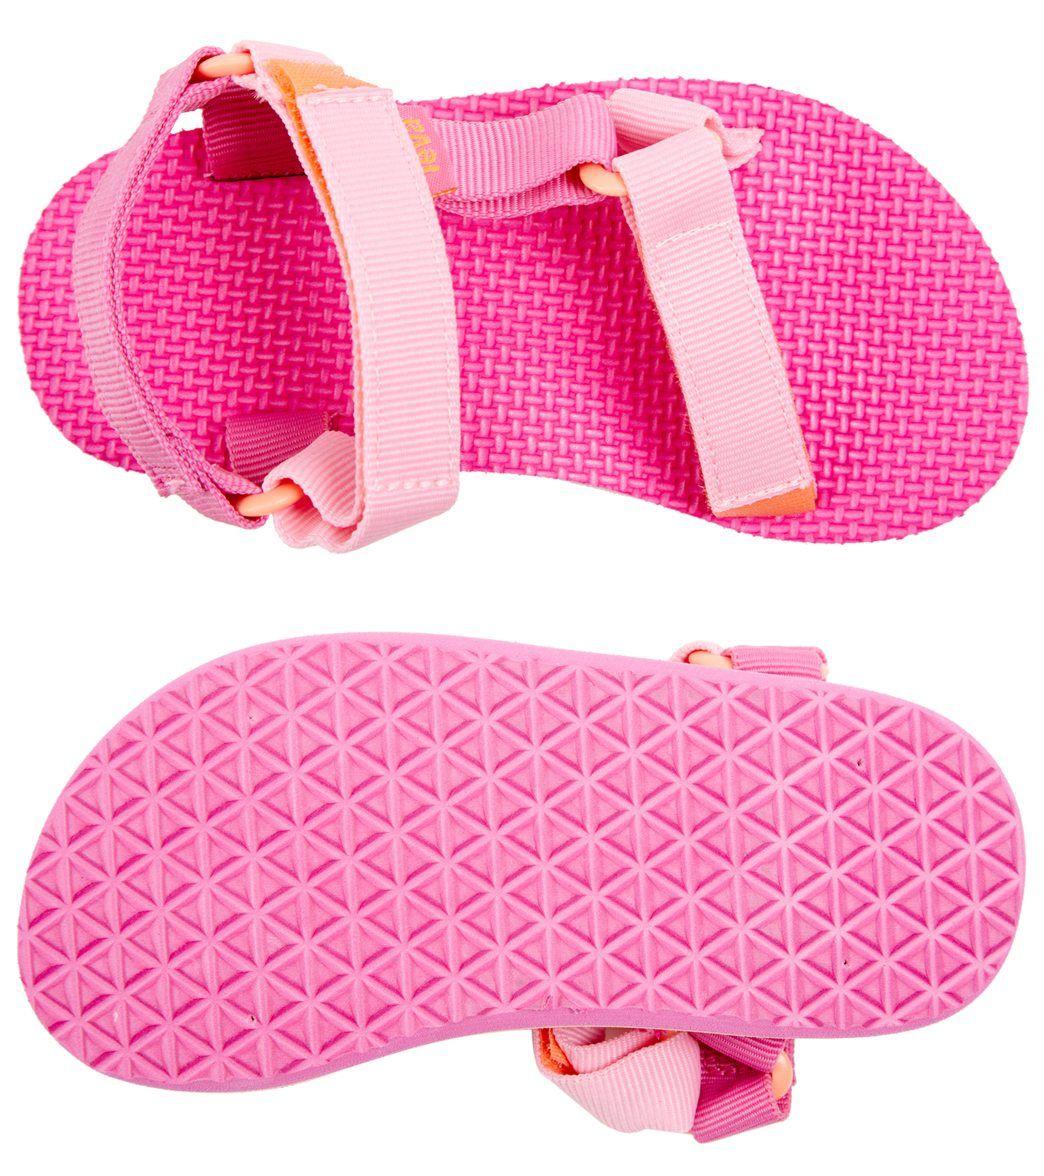 156ef4caa95a Teva Kid s Original Universal Sandal at SwimOutlet.com – The Web s most  popular swim shop